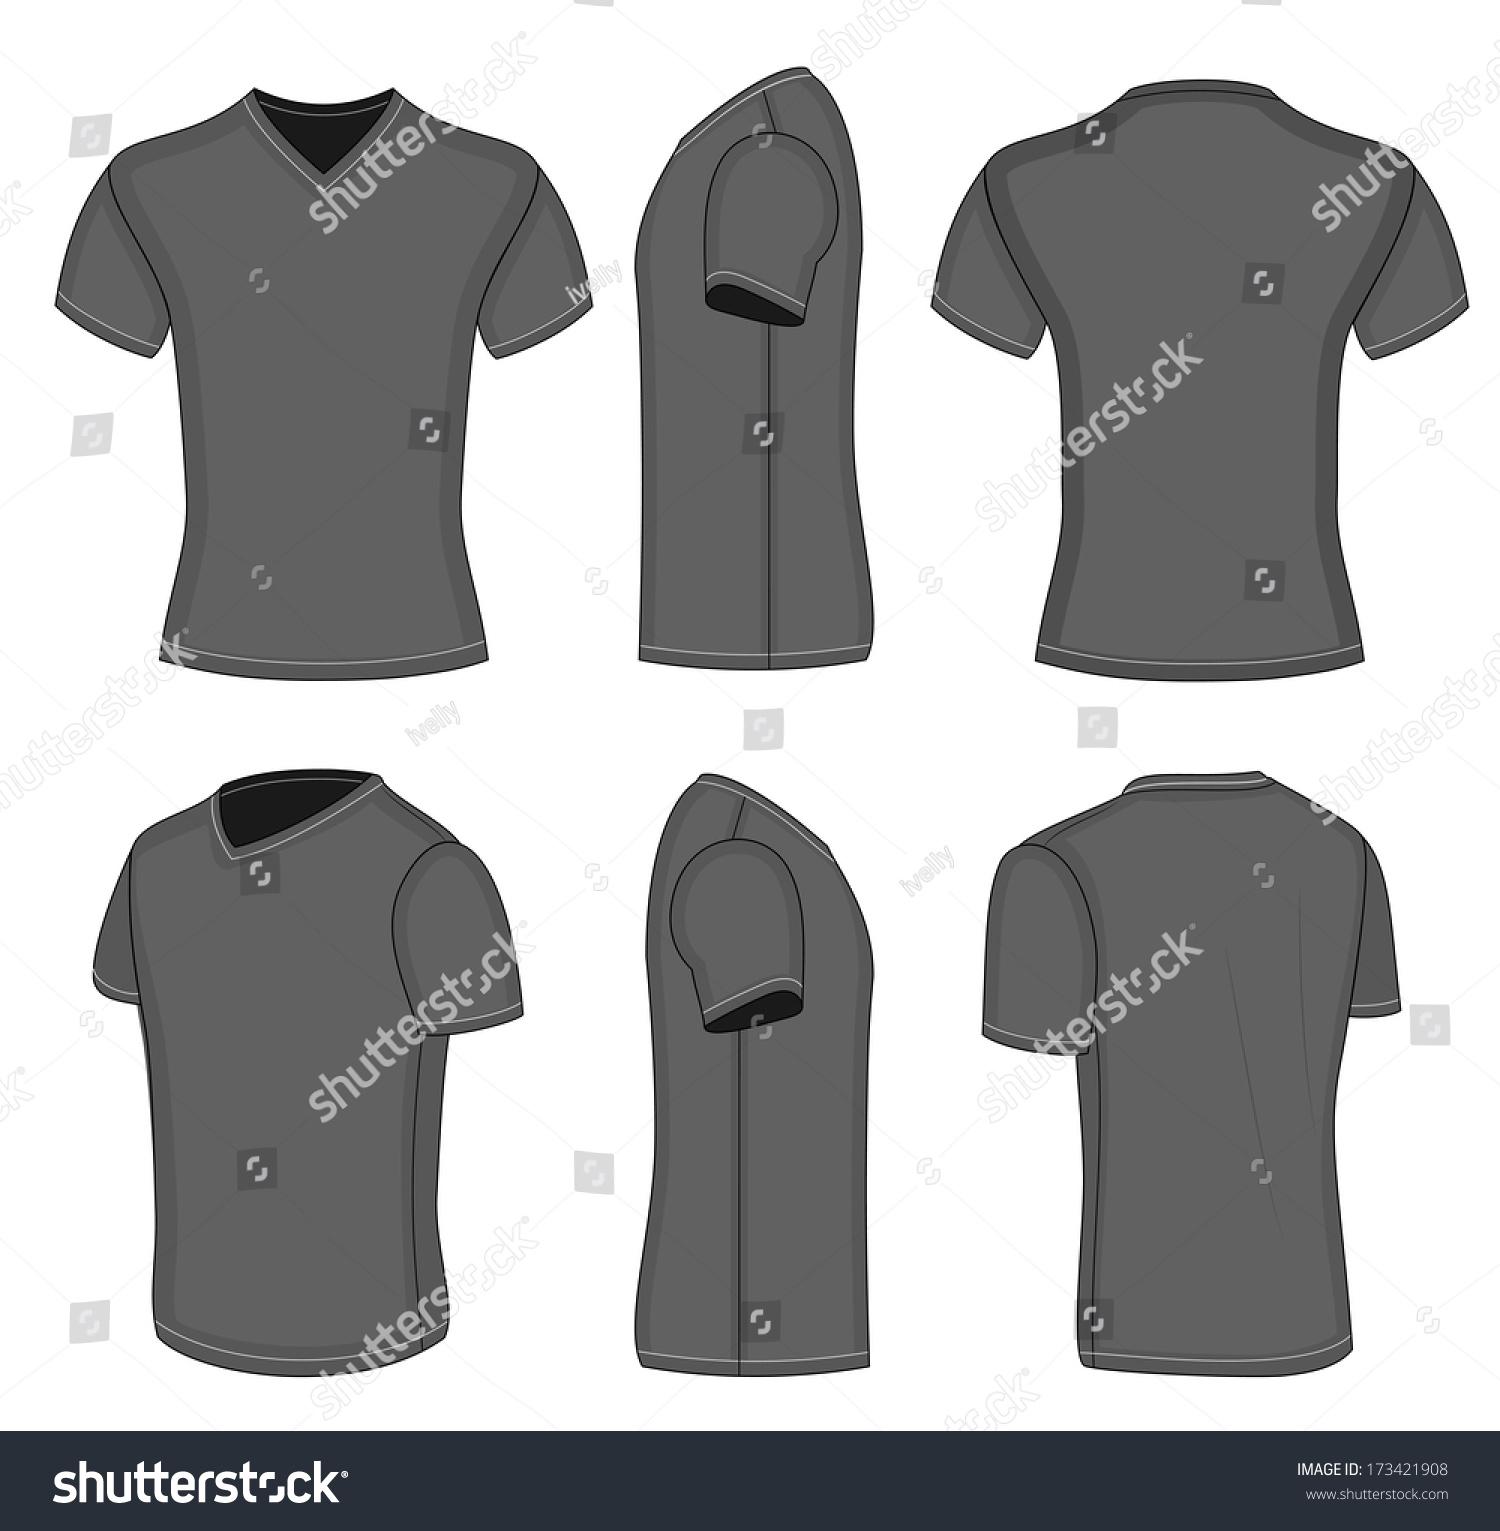 All Views Mens Black Short Sleeve Stock Vector 173421908